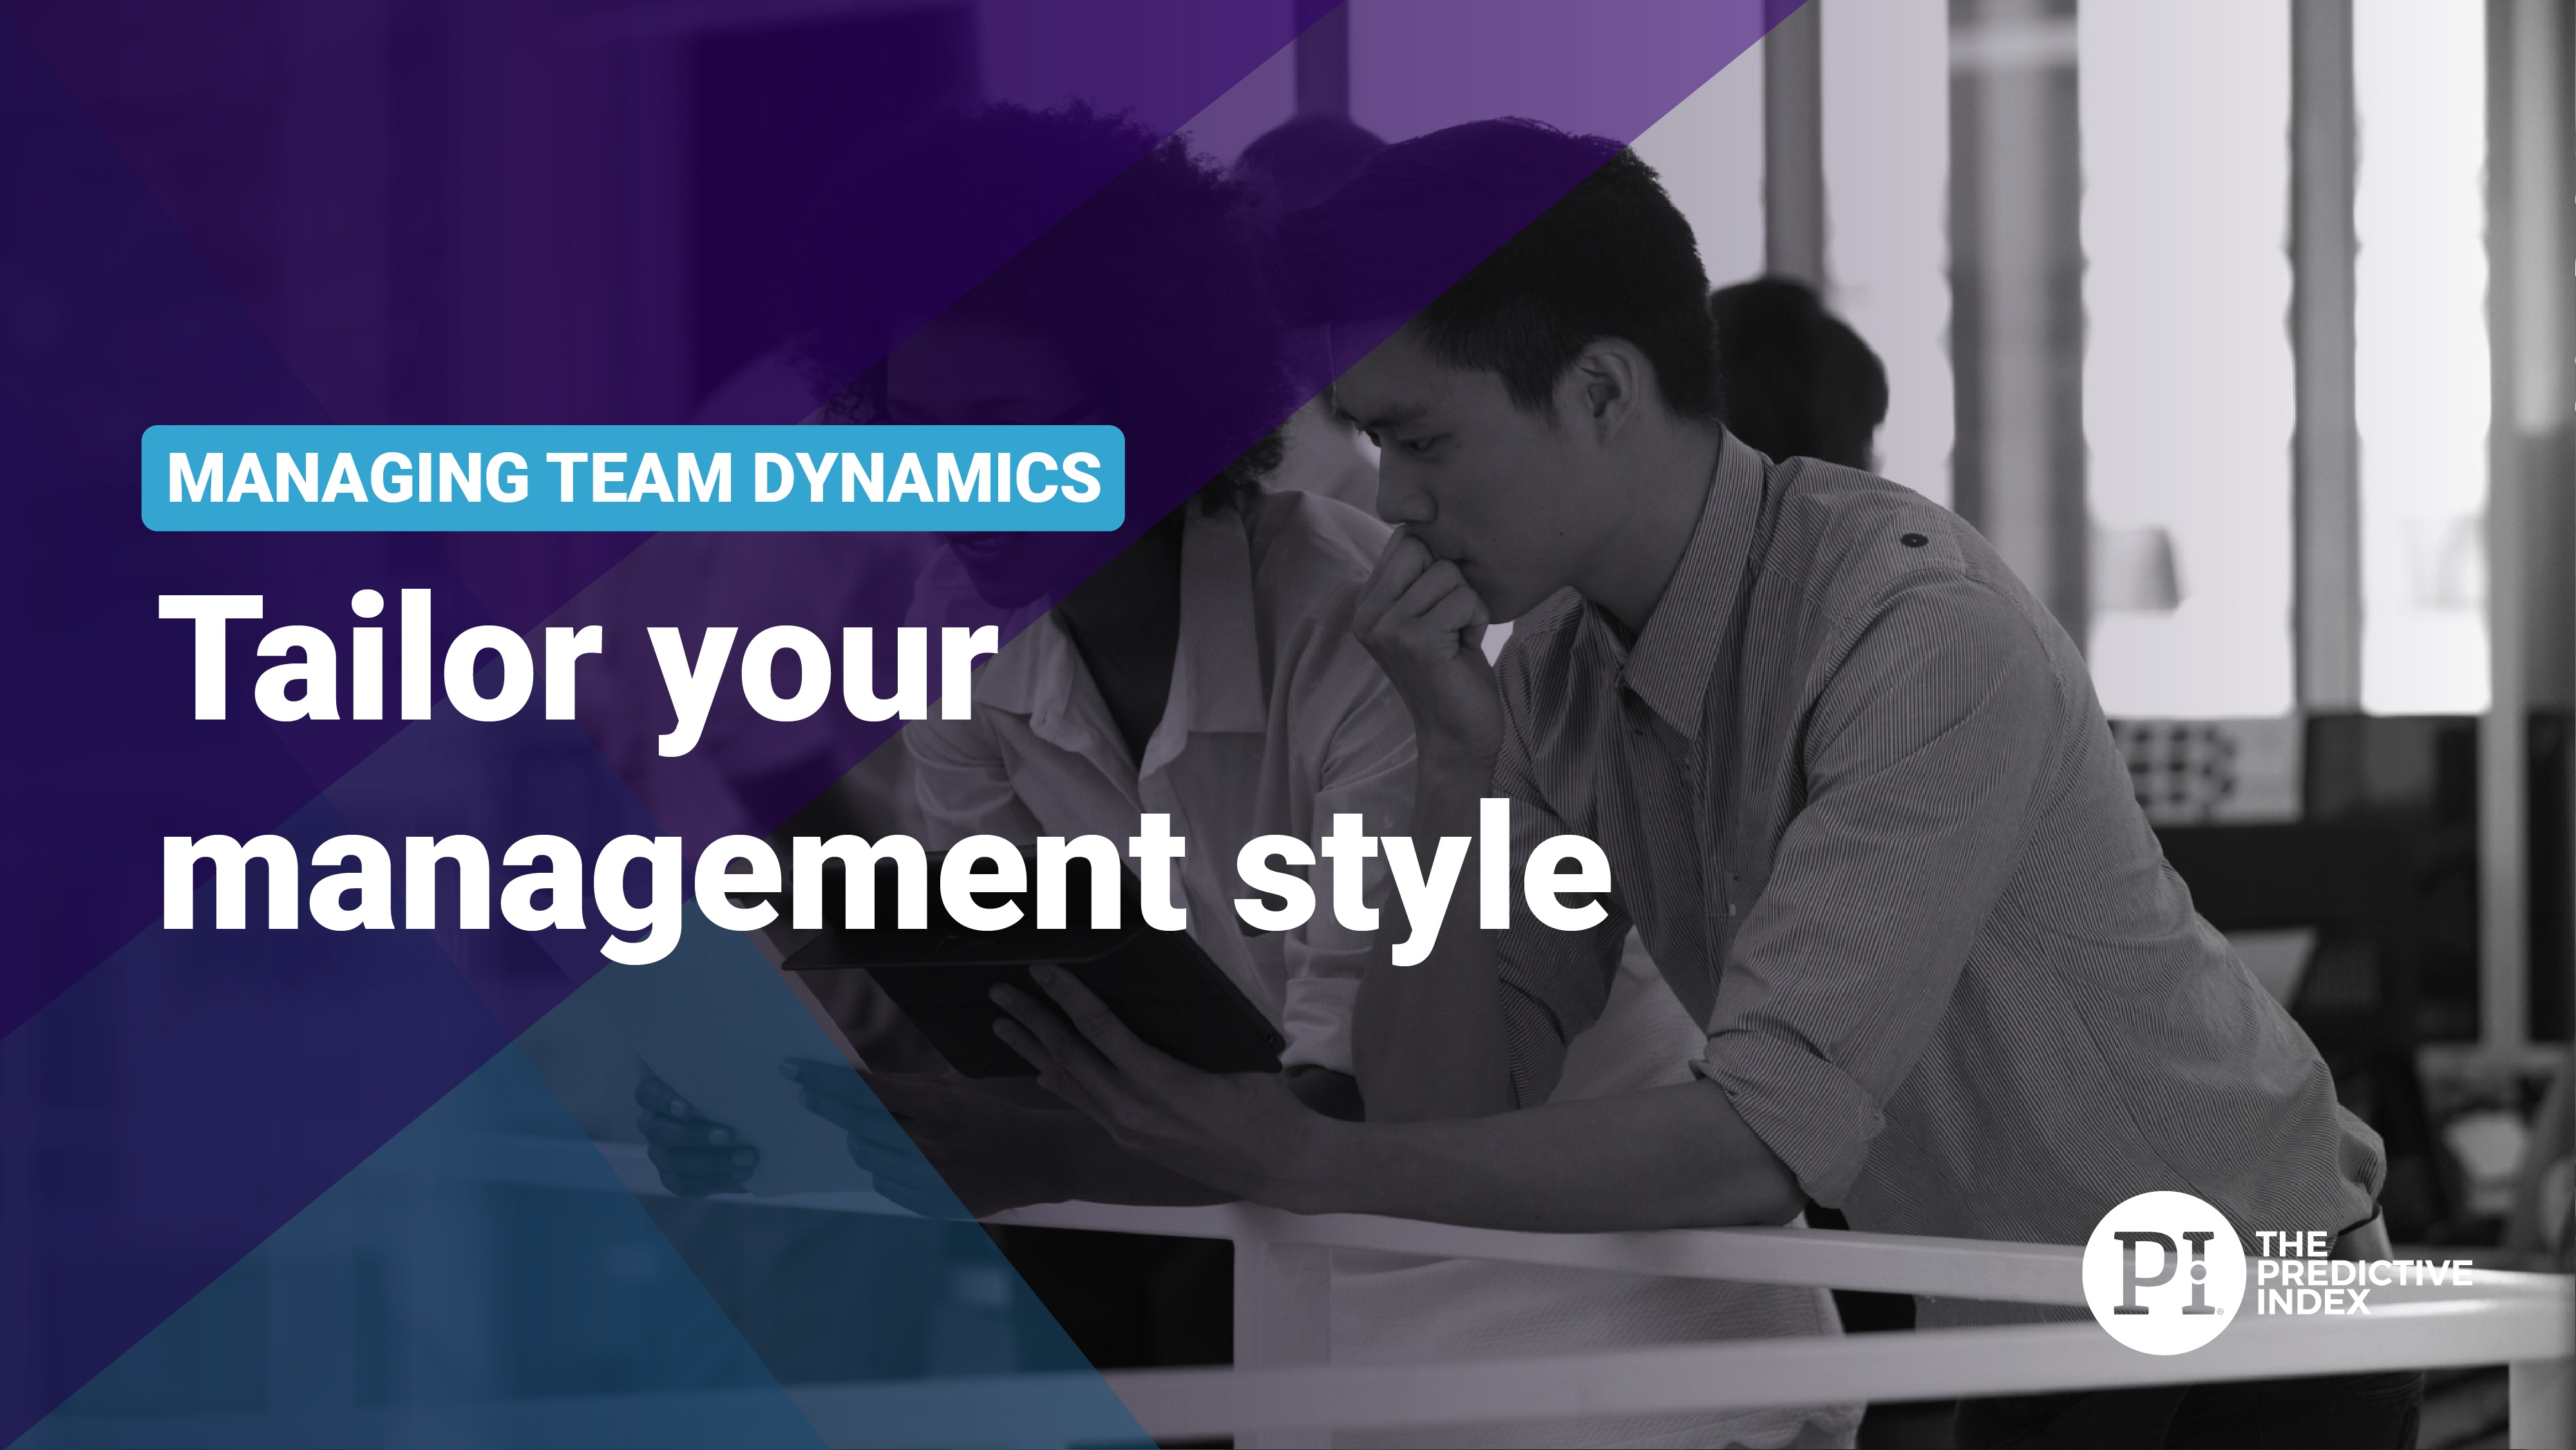 L4 - Tailor your management style [P]